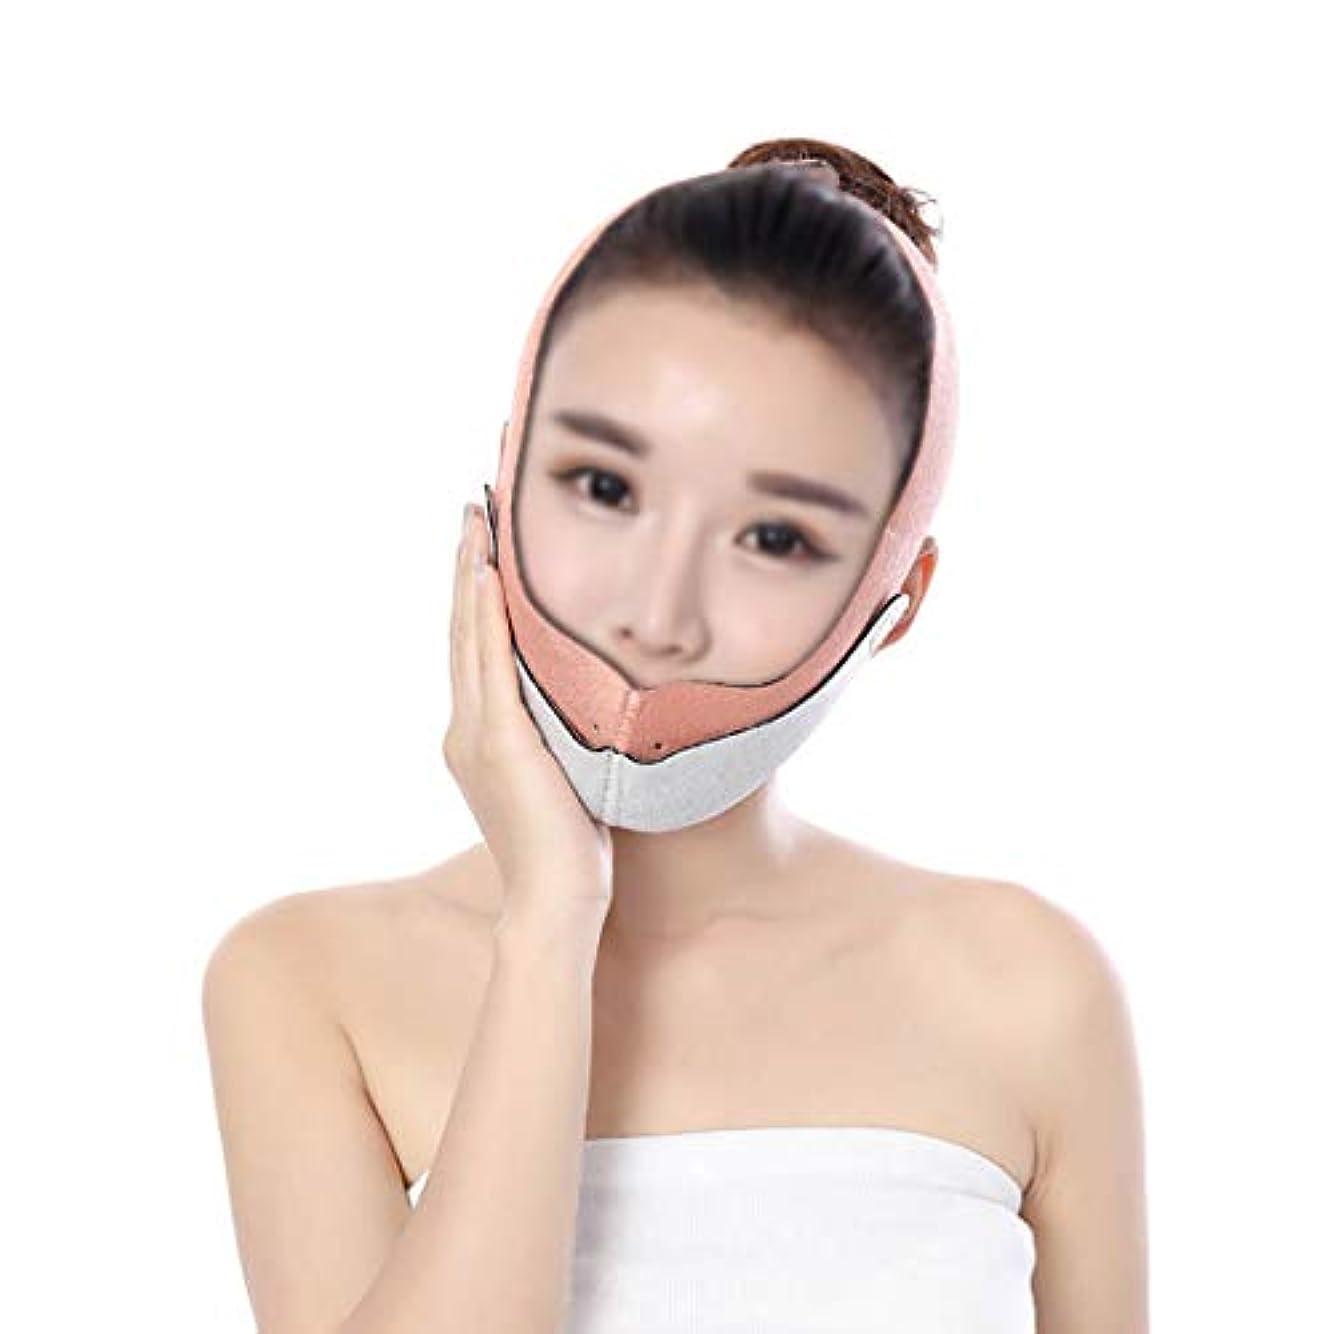 電池学ぶマッシュTLMY ファーミングマスク薄い顔アーティファクト補正フェイスリフティングアンチたるみ包帯美容マスクマスクVフェイスクロスツール 顔用整形マスク